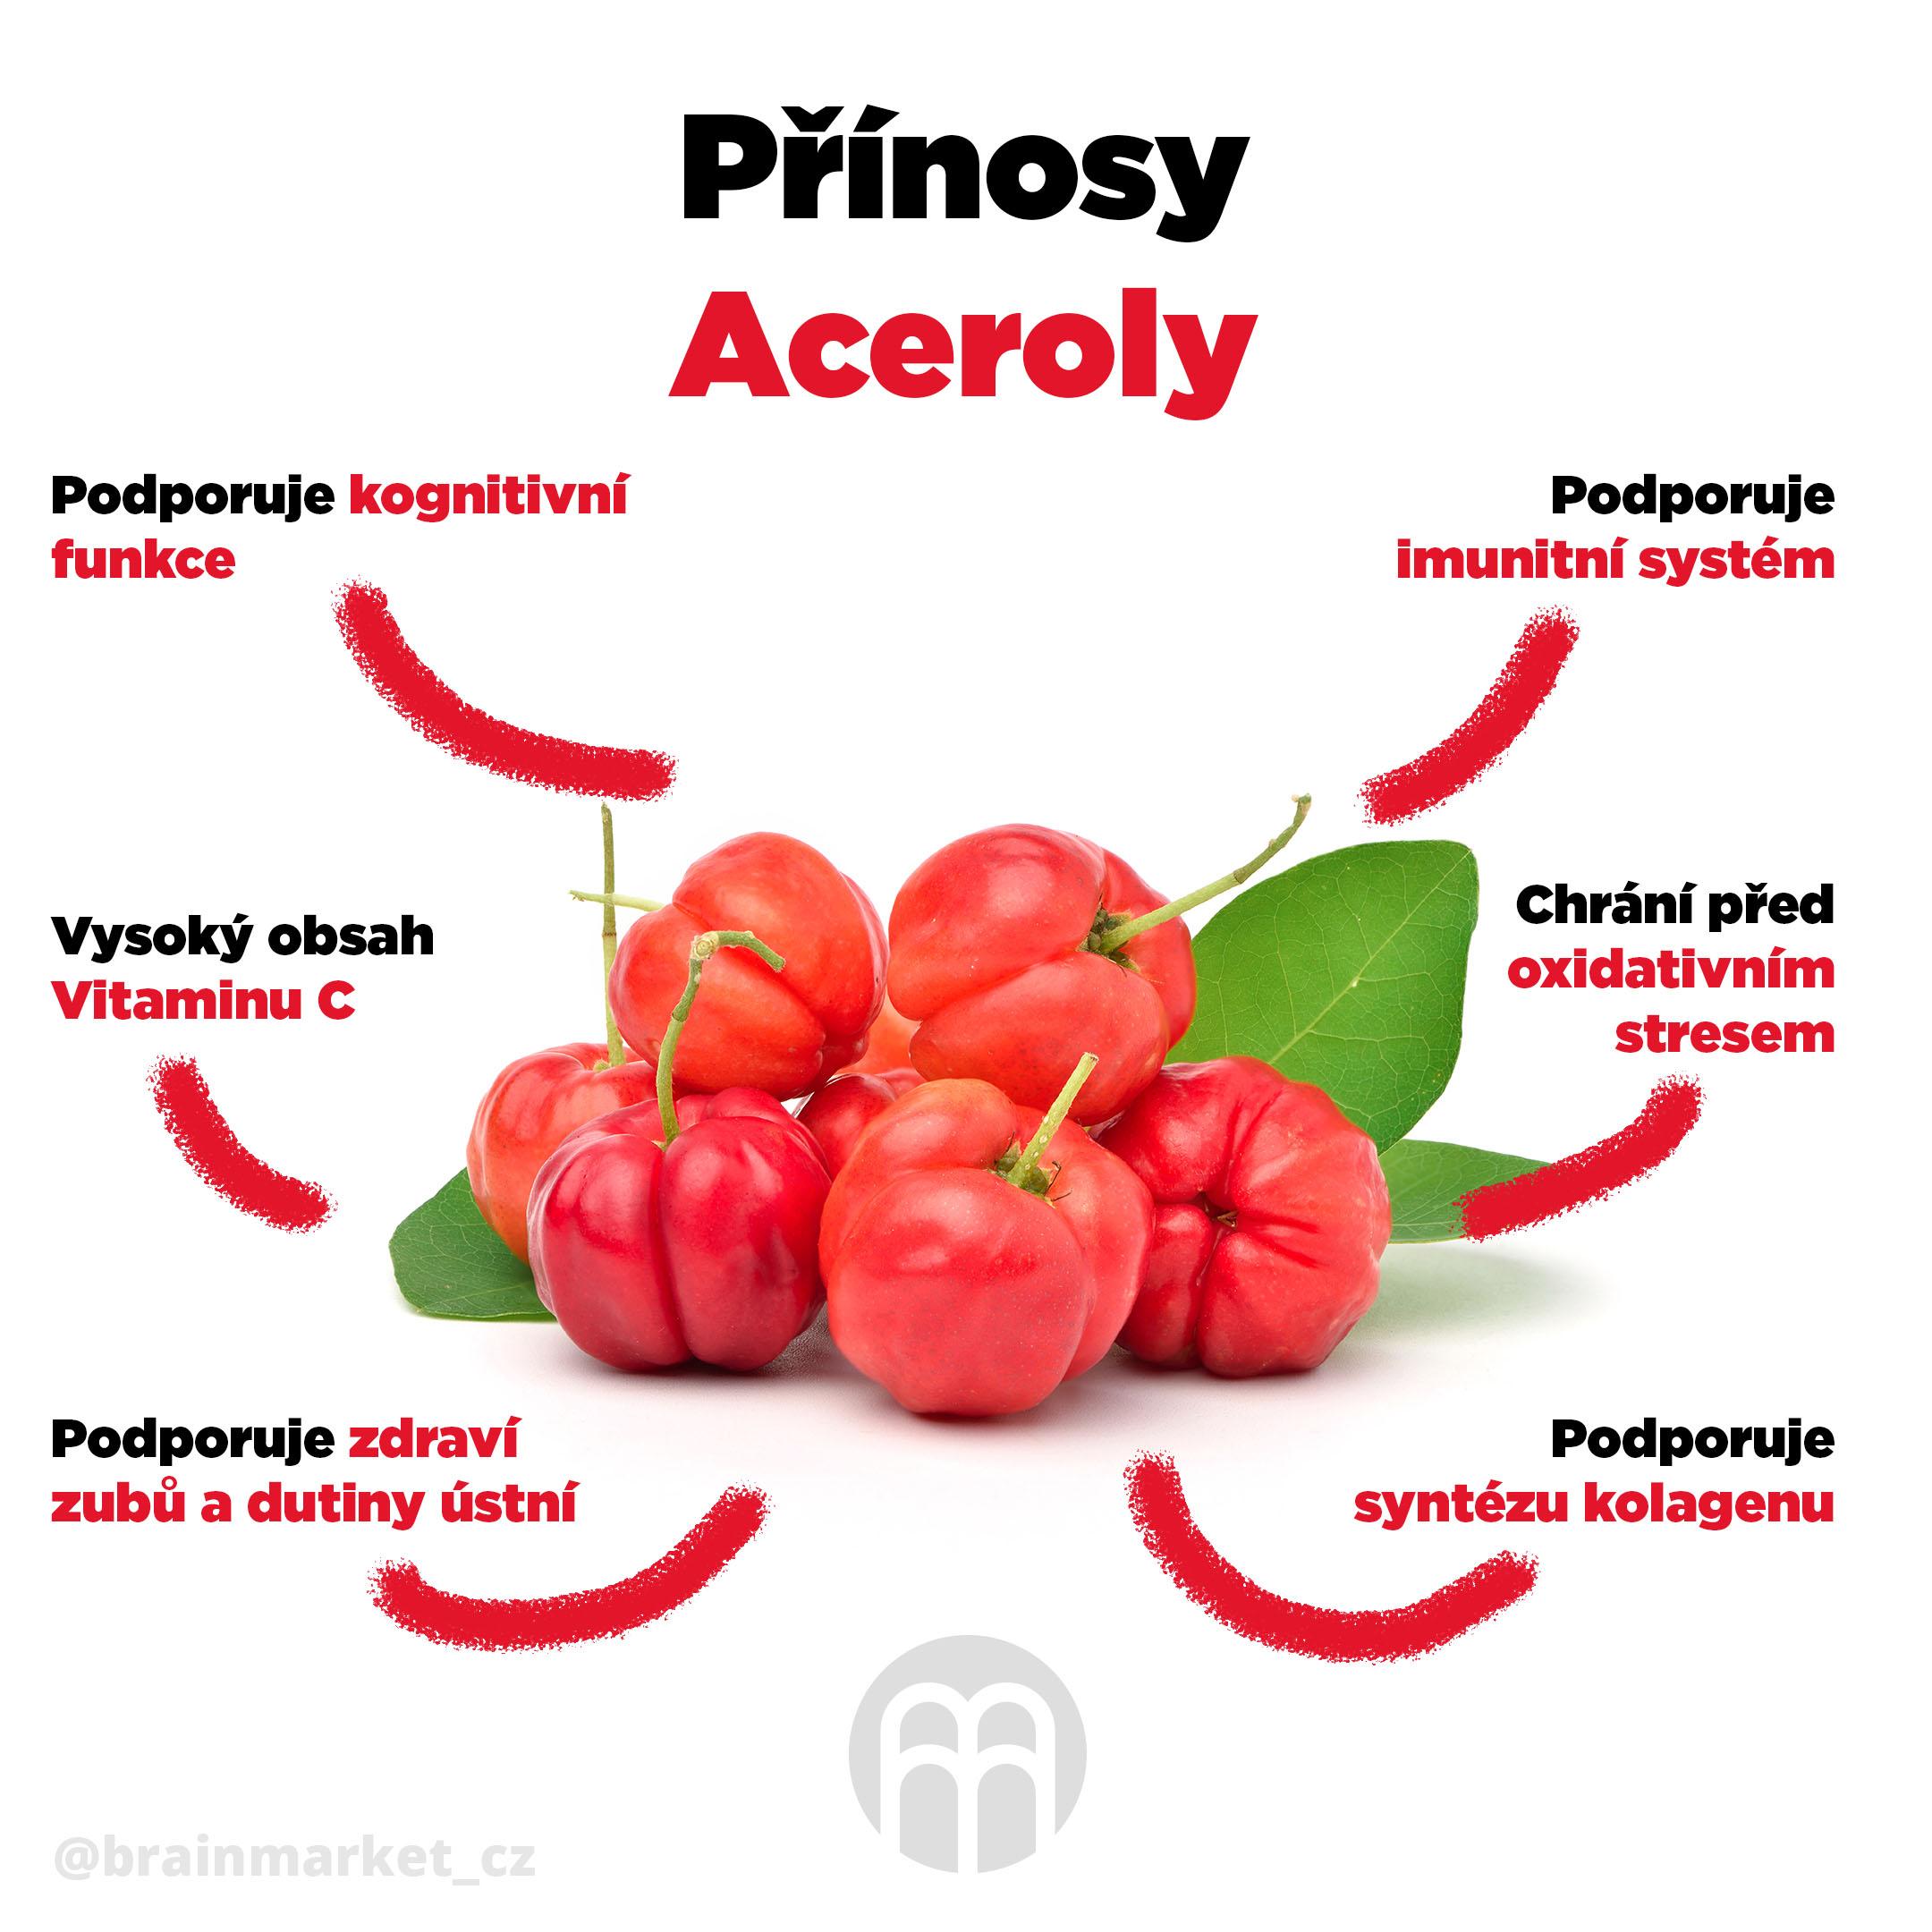 prinosy_aceroly_Infografika-BrainMarket_CZ